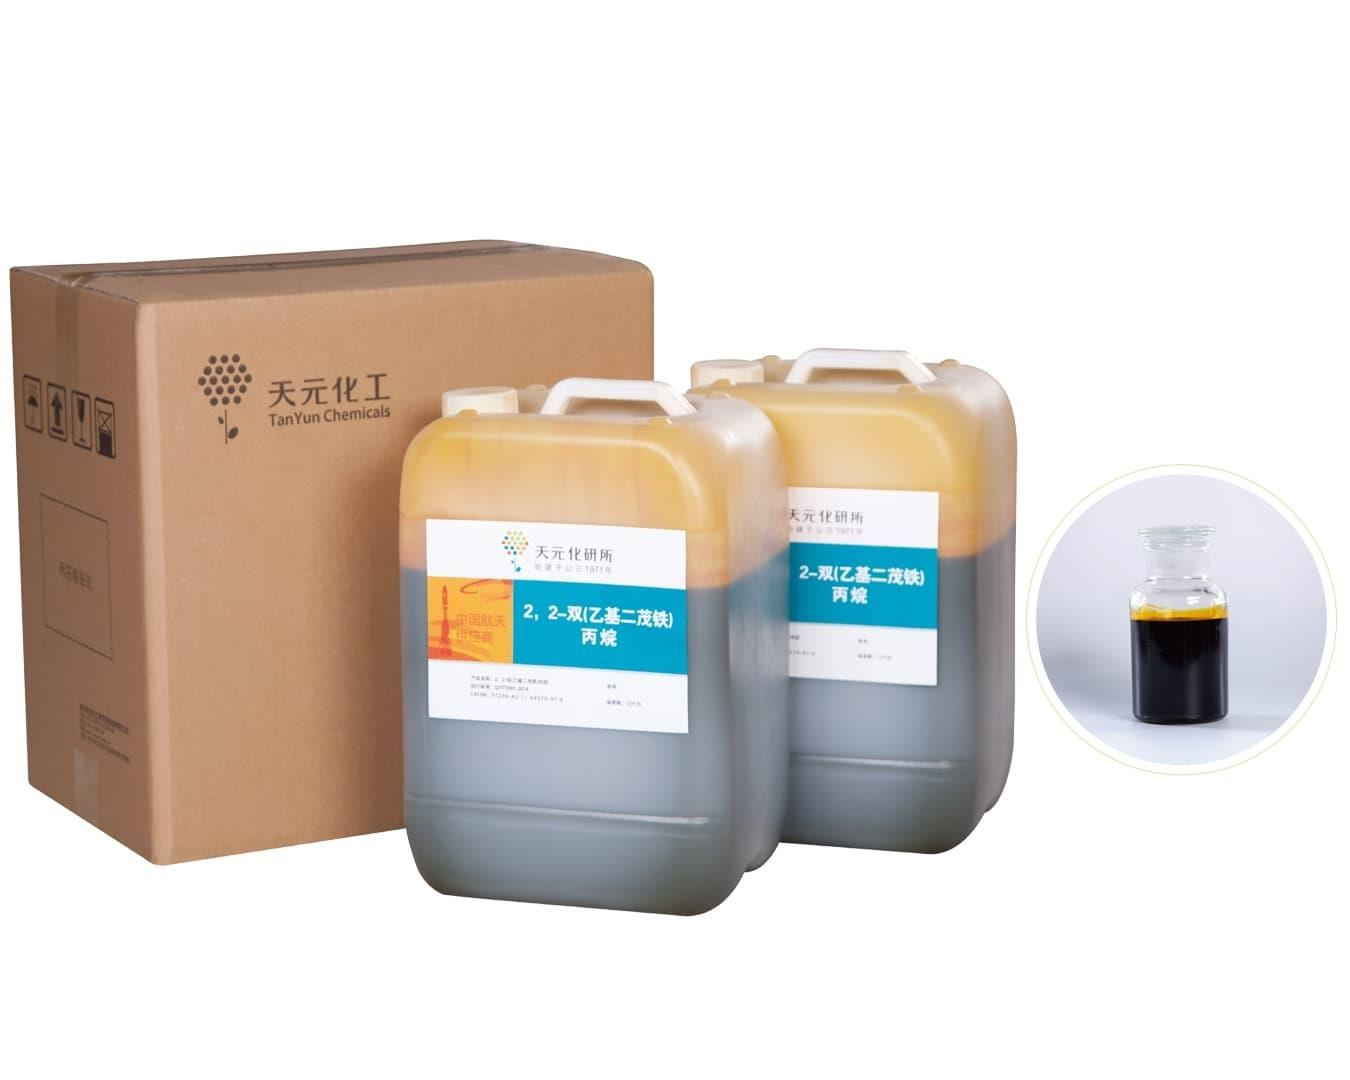 氮化硼,二茂铁,无水硼砂,三氧化二硼 卡托辛